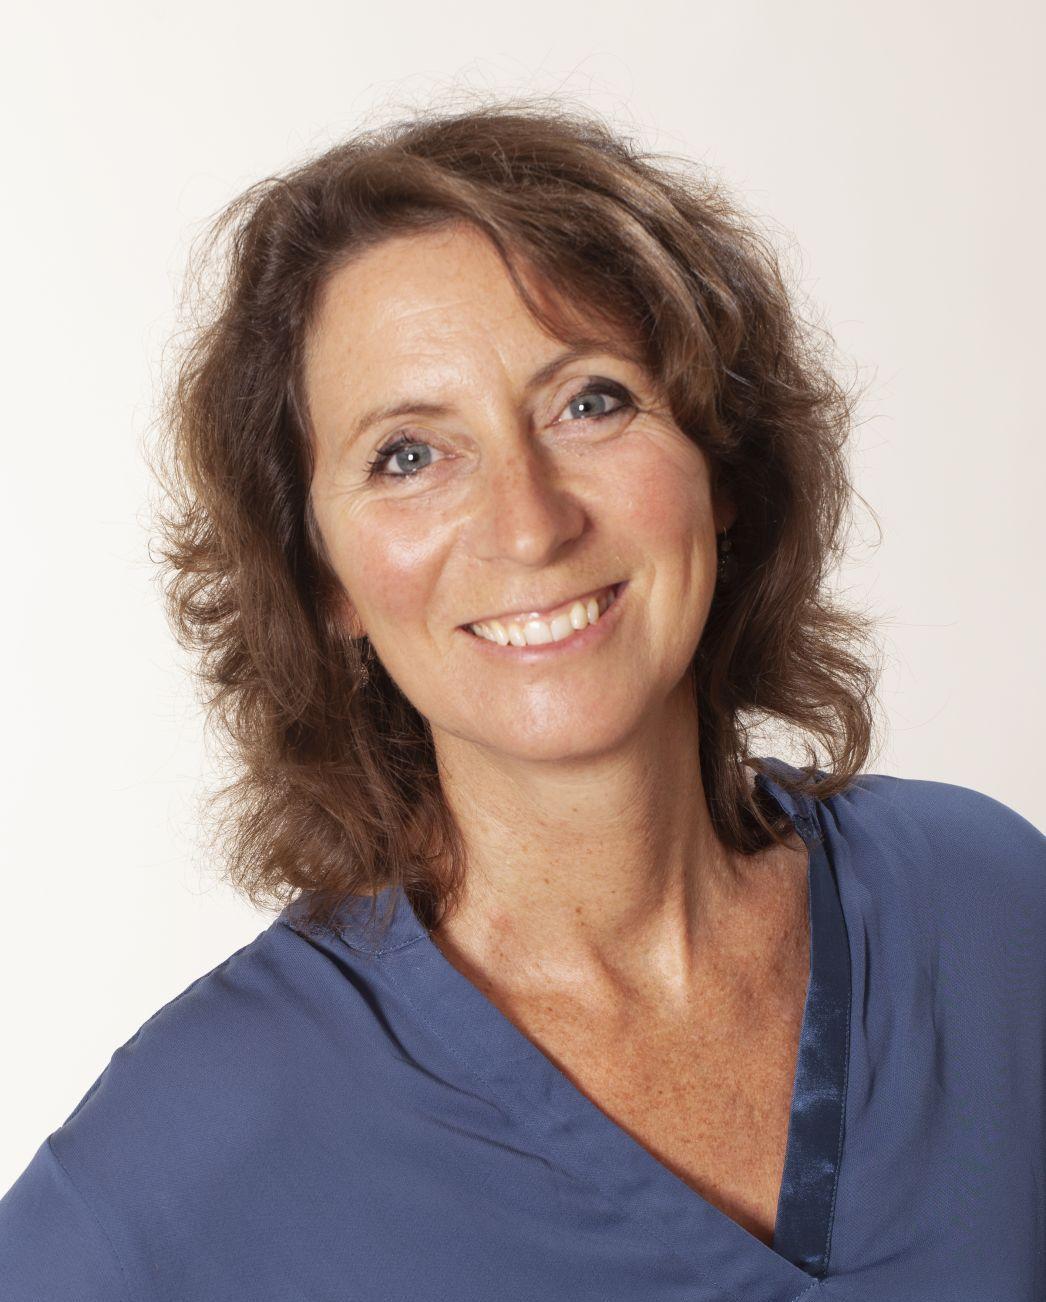 Janine Widmer - Praxis für individualpsychologische und systemische Beratung